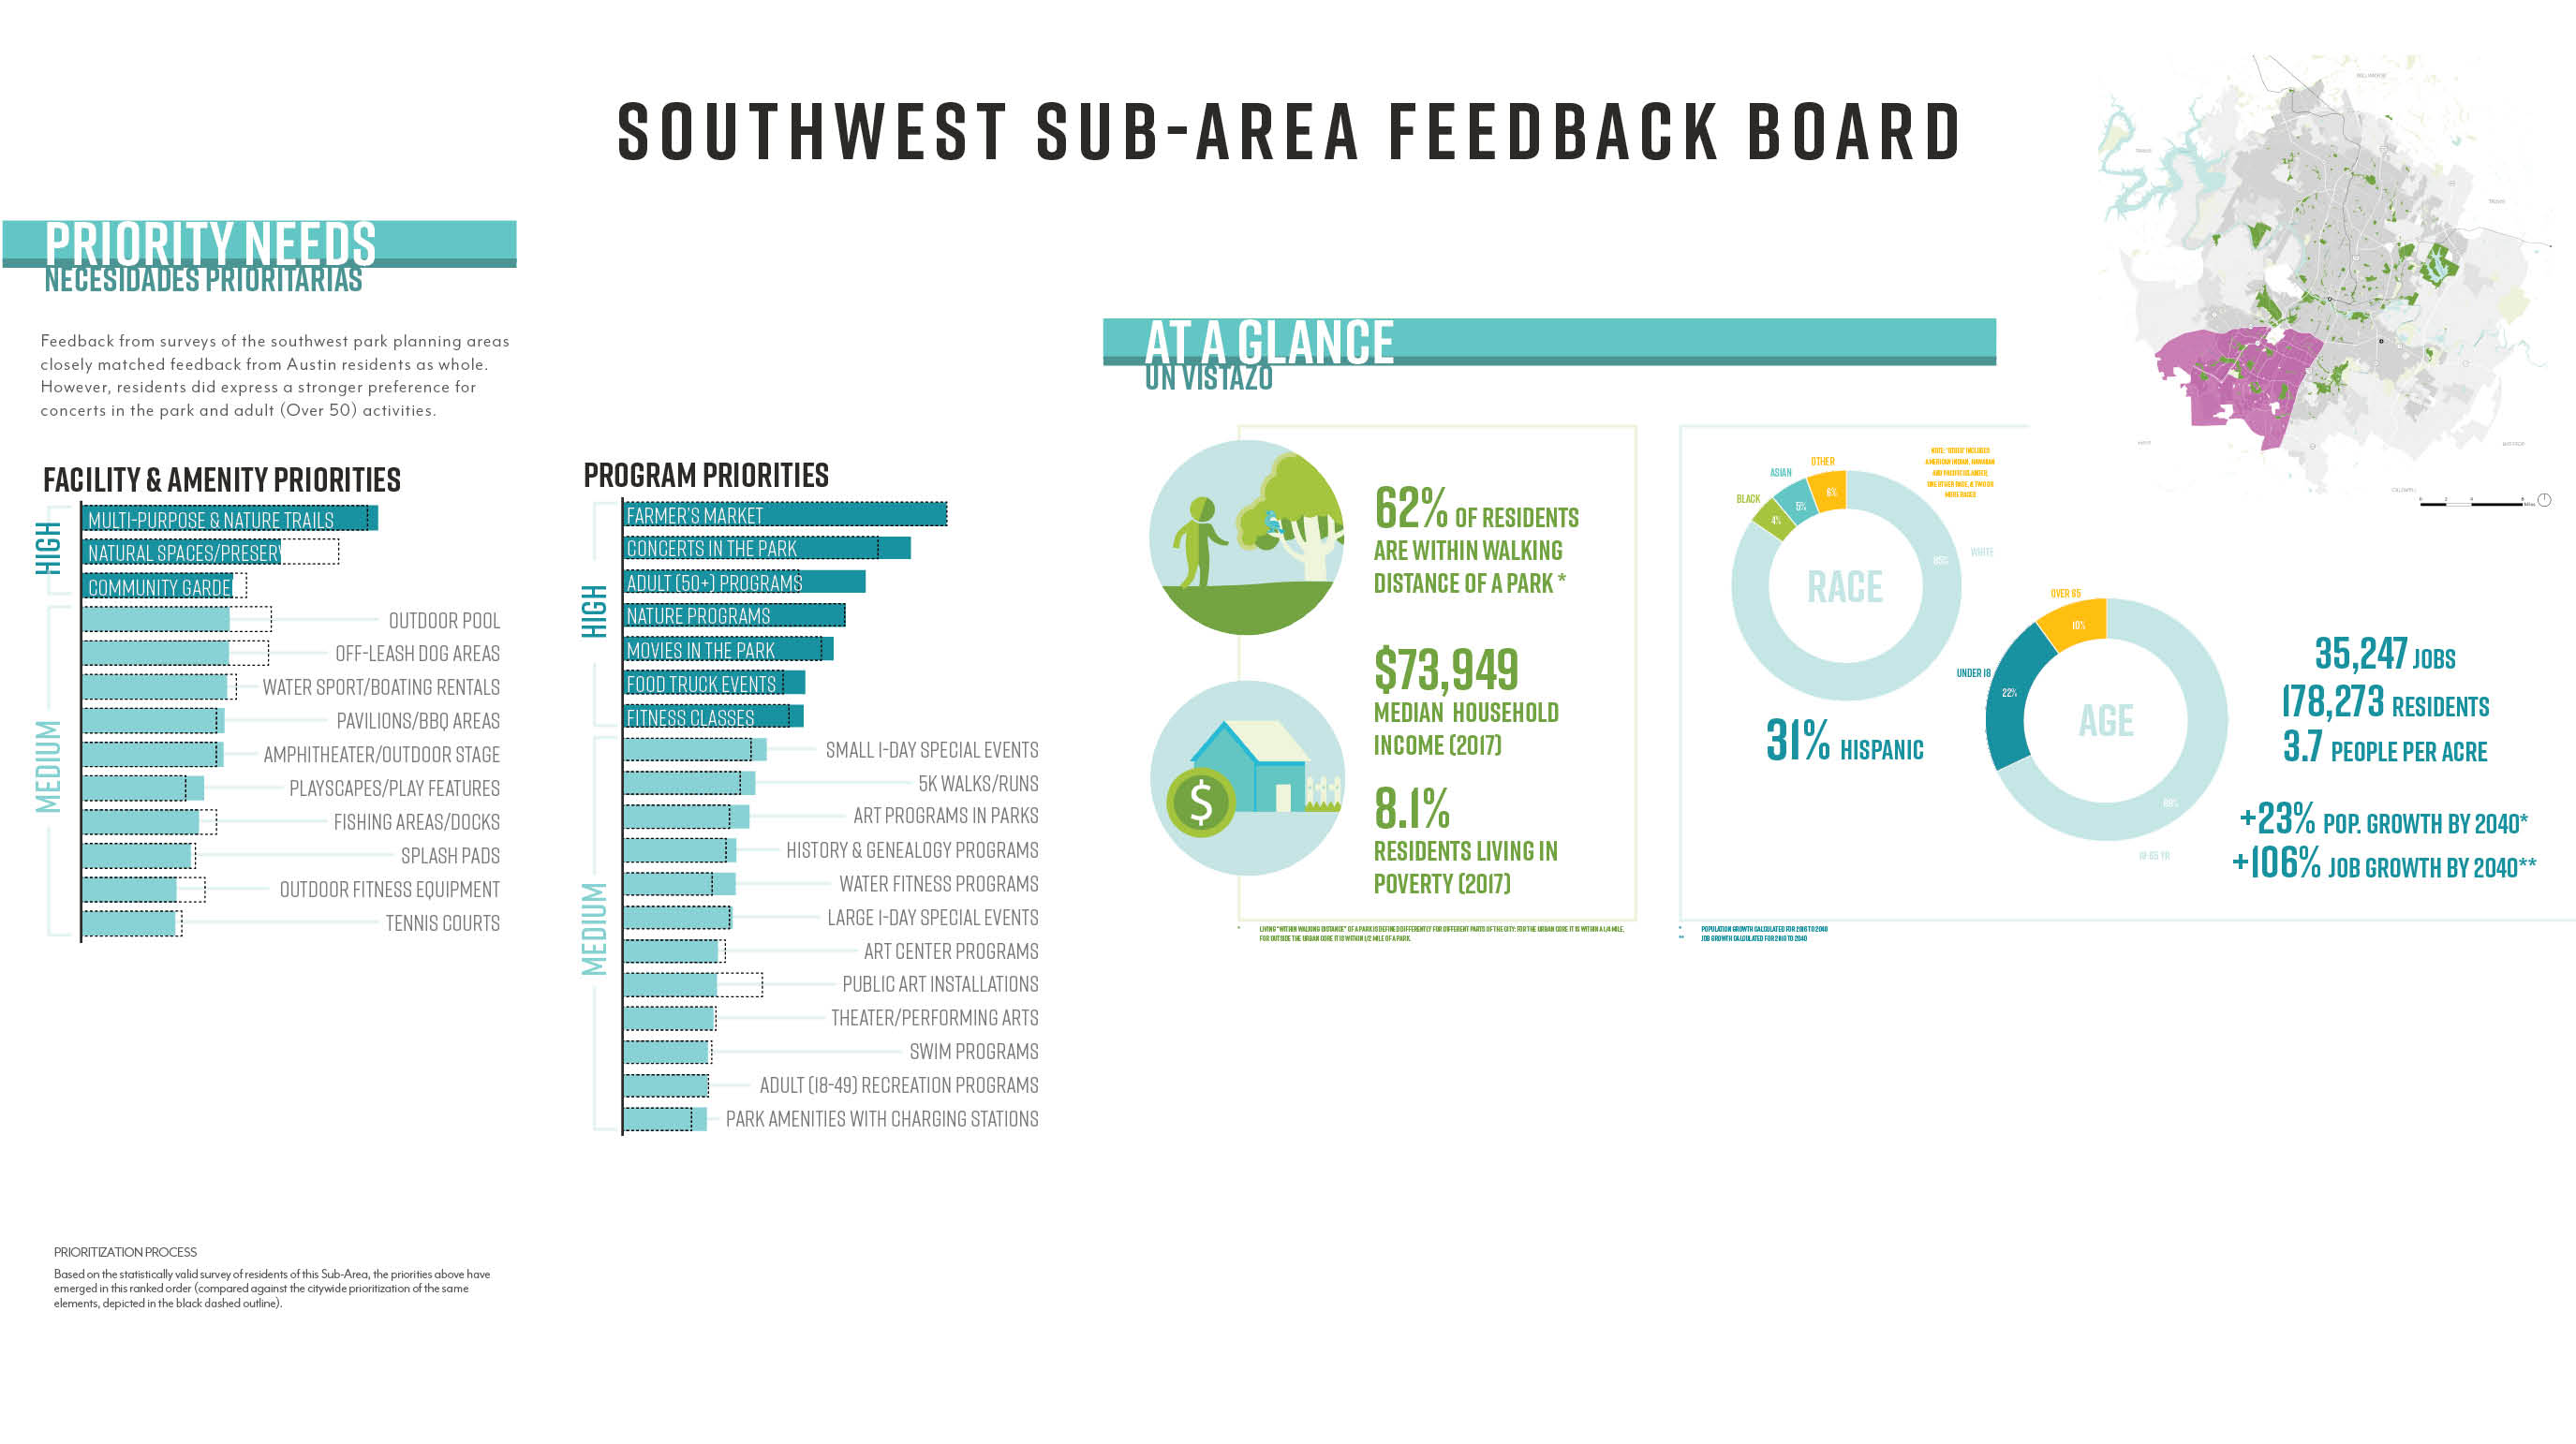 Southwest sub area